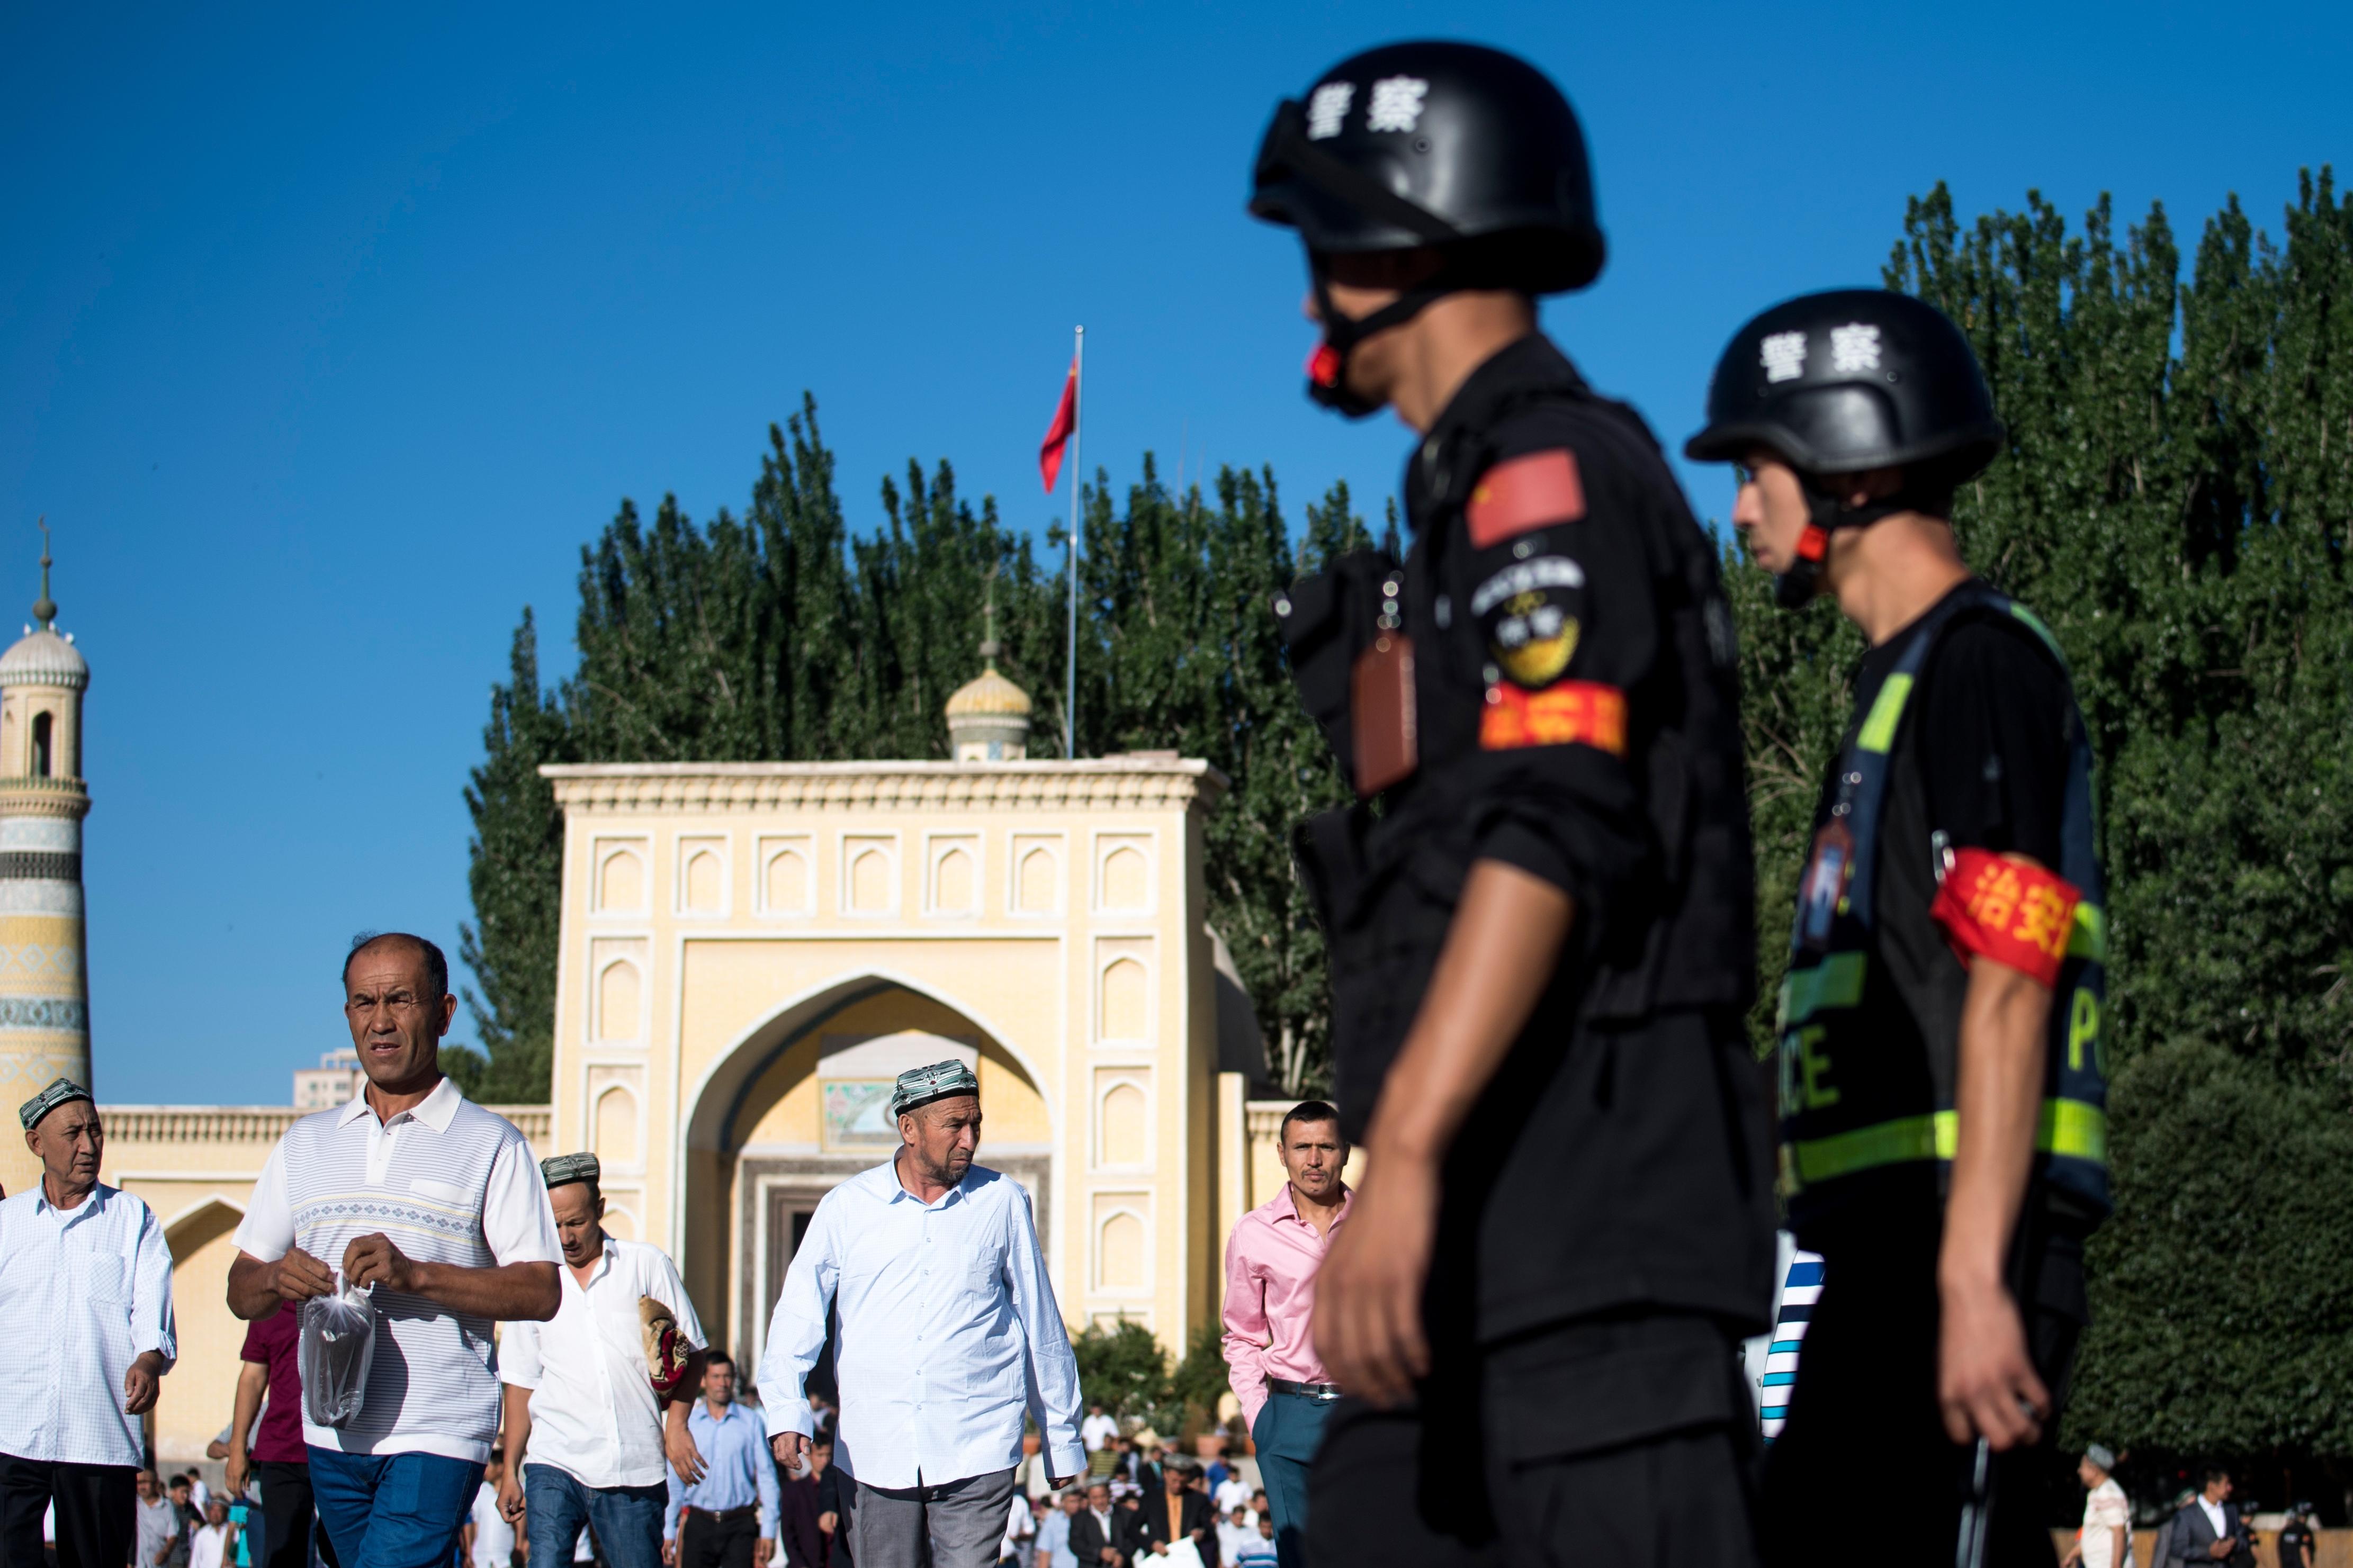 新疆當局全面監控民眾日常行為被曝光